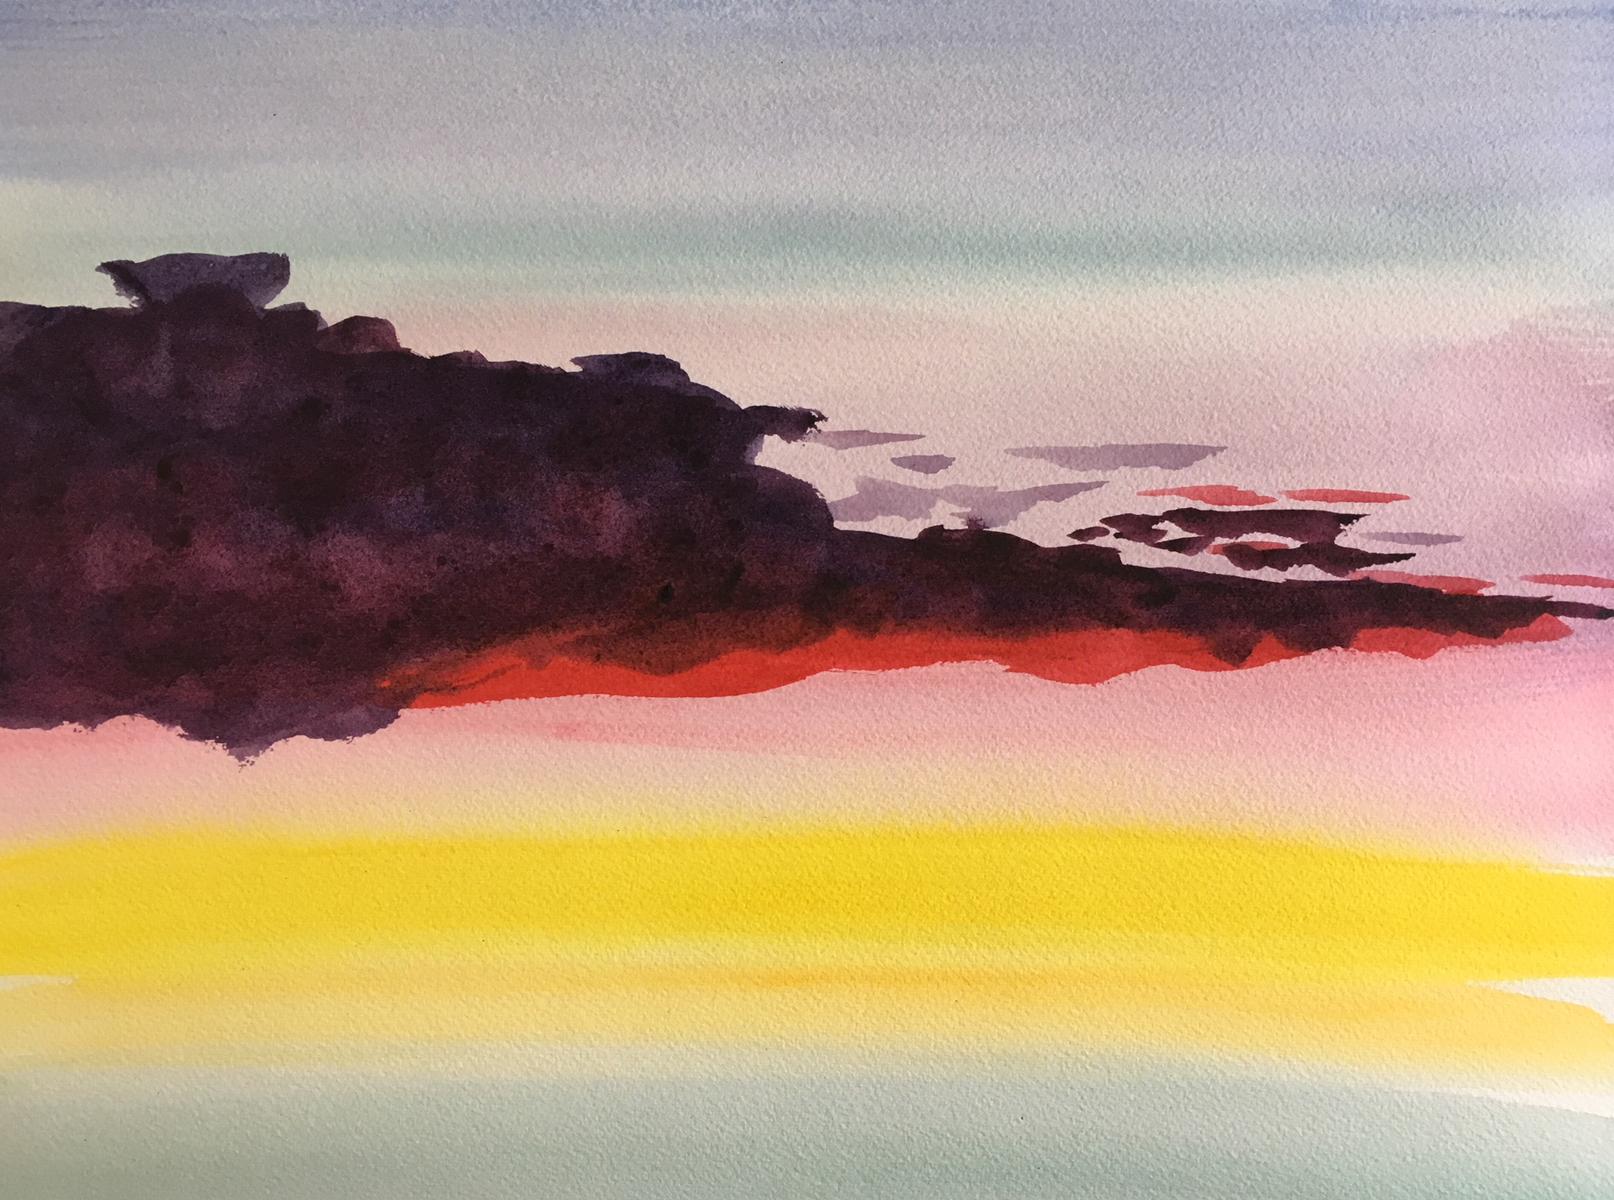 Chakra Clouds #6